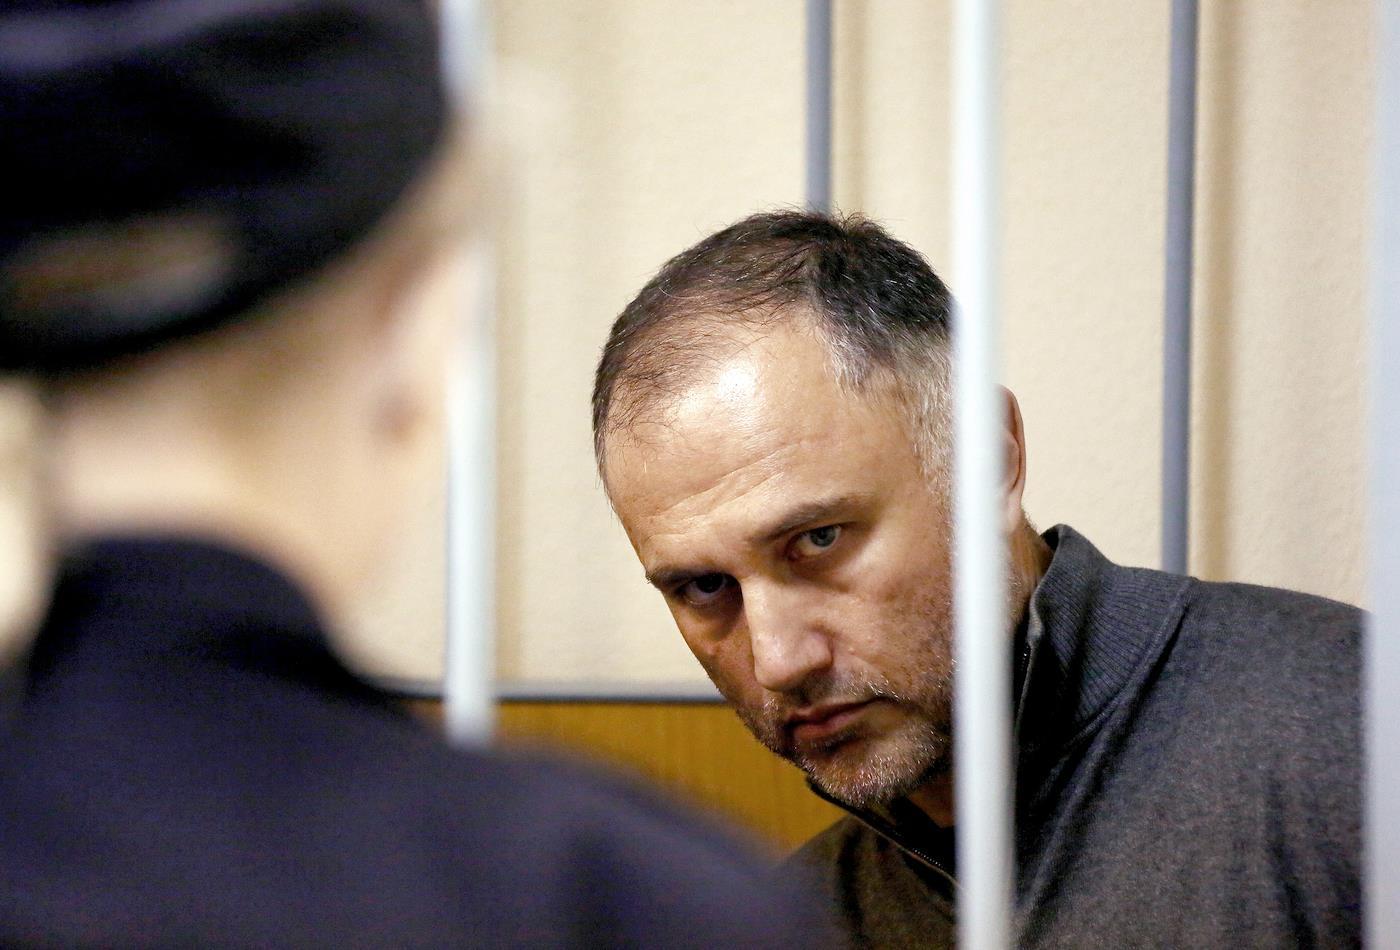 Марат Оганесян признал взятки за «Газпром-Арену». Но есть большие сомнения, что он брал деньги